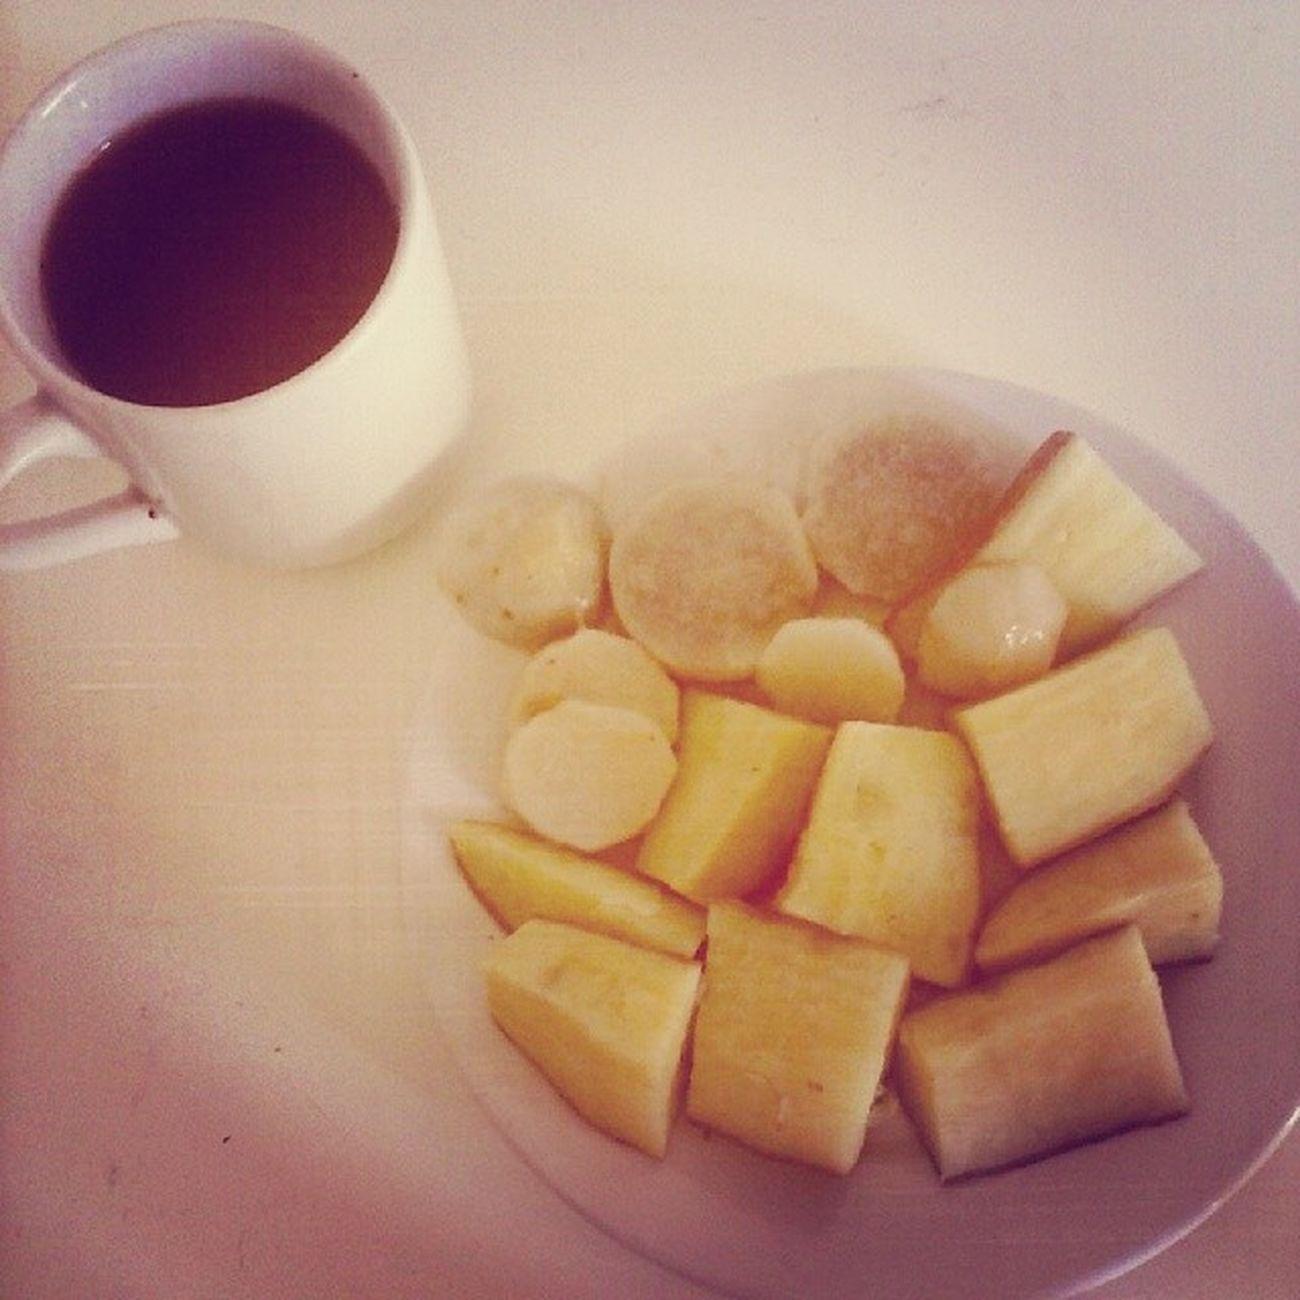 Haaa como eu sinto falta de comer Um salgado bem gorduroso no café da manhã Ganharmusculos Dietafitness Taaabom Jatoganhandomassamagra 3kgdemusculoemmenosde1mês